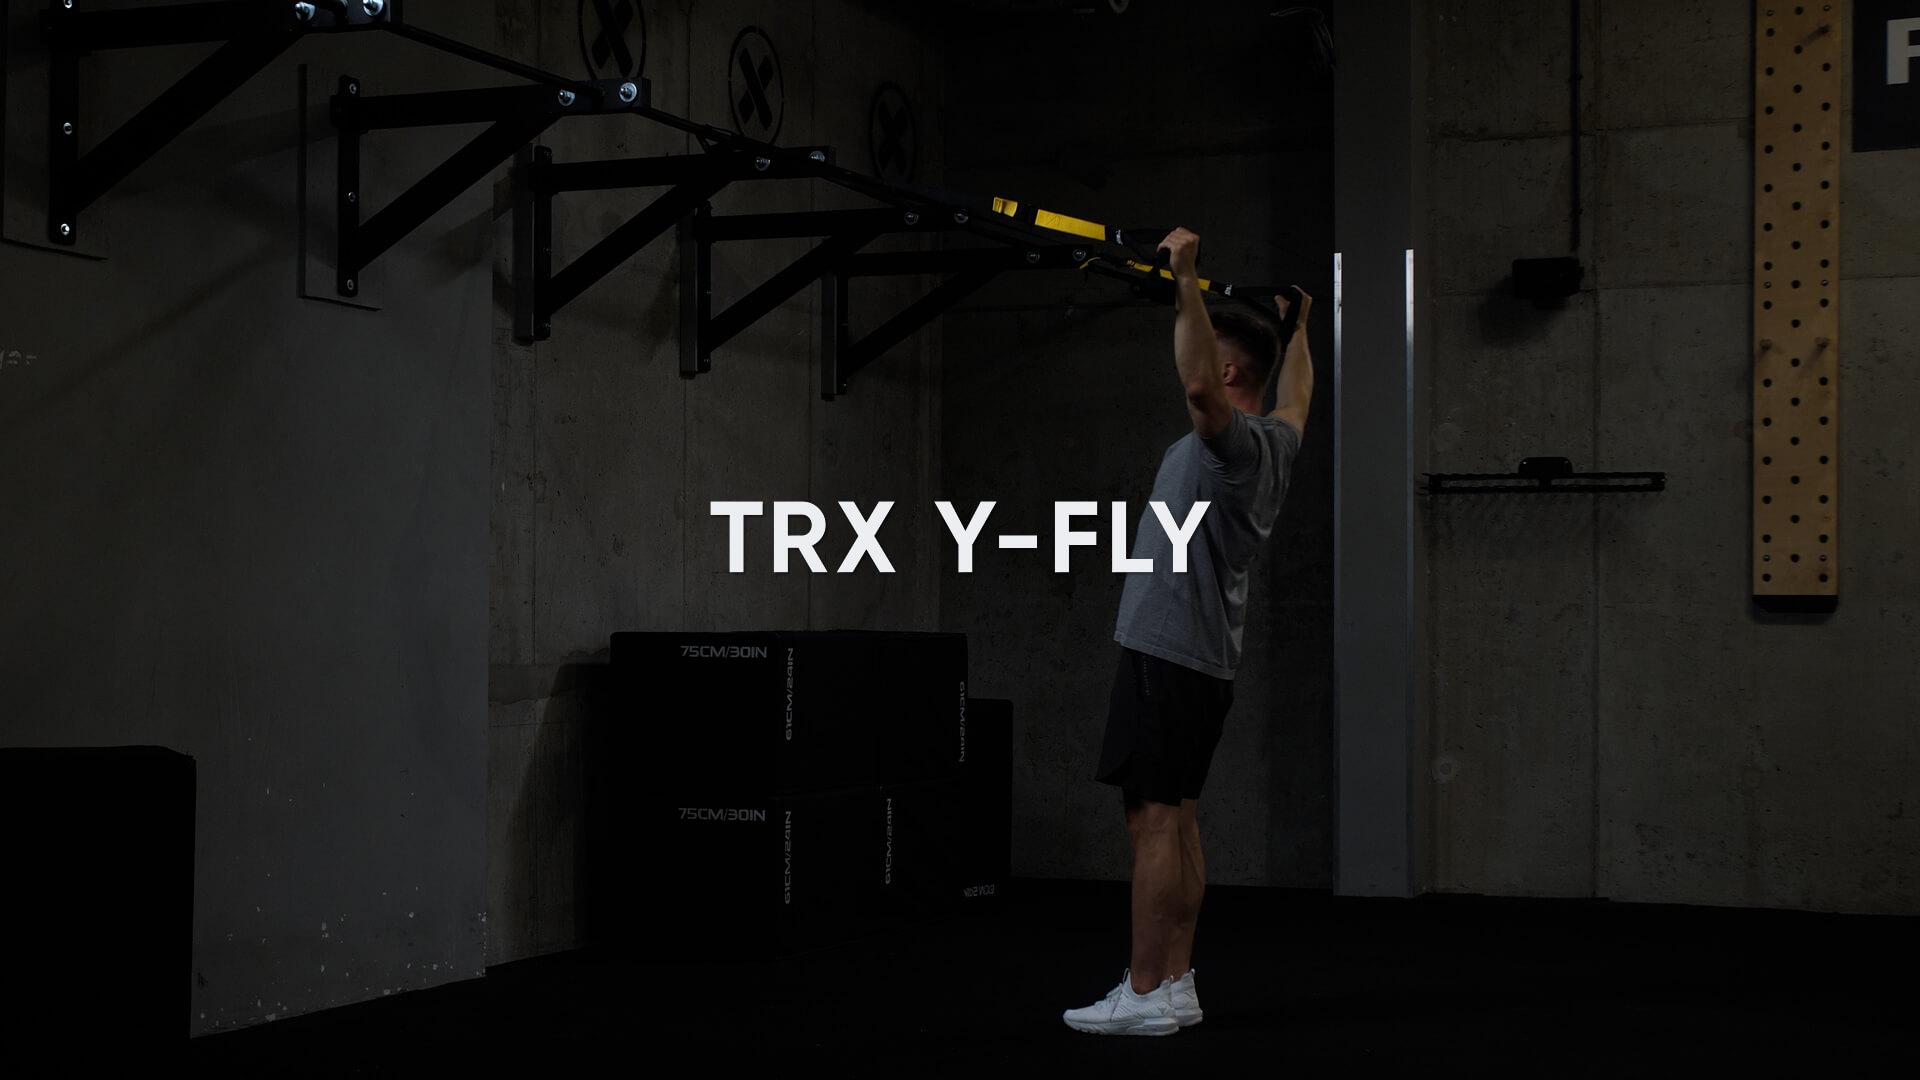 TRX Y Fly